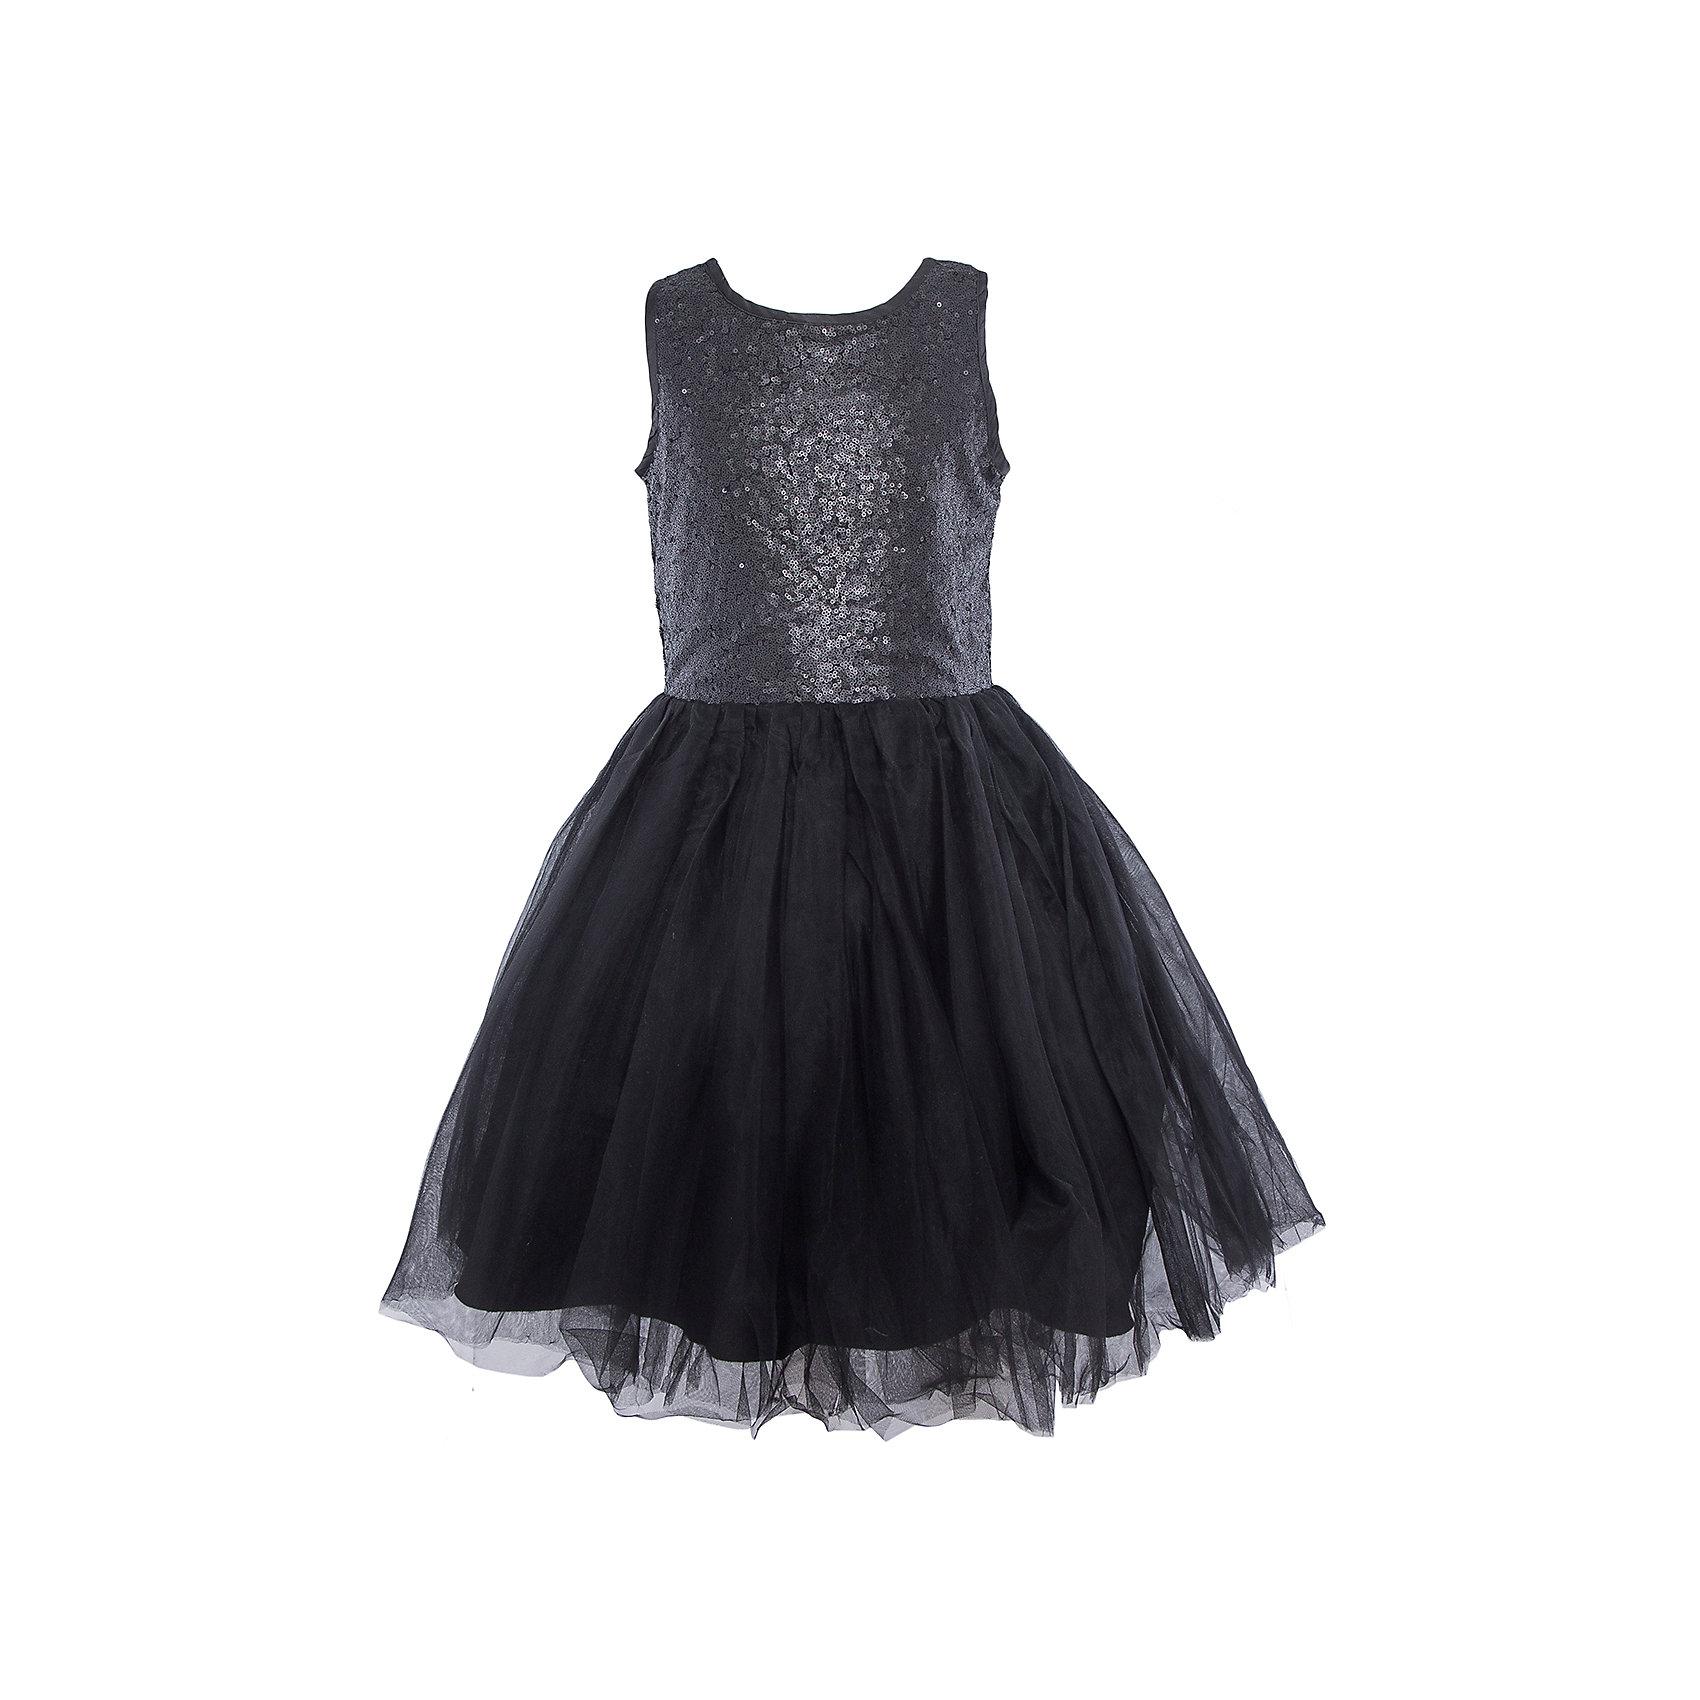 Нарядное платье для девочки LuminosoОдежда<br>Характеристики:<br><br>• Вид одежды: платье<br>• Предназначение: для праздника, торжеств<br>• Сезон: круглый год<br>• Материал: верх – 100% полиэстер; подкладка – 100% хлопок<br>• Цвет: черный<br>• Силуэт: классический А-силуэт<br>• Длина платья: миди<br>• Стиль юбки: пачка<br>• Вырез горловины: круглый<br>• Застежка: молния на спинке<br>• Особенности ухода: ручная стирка без применения отбеливающих средств, глажение при низкой температуре <br><br>Luminoso – это коллекция от известного производителя Sweet Berry, который сочетает в своей одежде функциональность, качество, стиль и следование современным мировым тенденциям в текстильной индустрии для подростков. <br>Стильное платье для девочки от знаменитого производителя детской одежды Luminoso выполнено из полиэстера с хлопковой подкладкой. Изделие имеет классический силуэт с отрезной талией и многослойную юбку-пачку со шлейфом. Пышность и объем юбке придает подъюбник. Полочка оформлена пайетками черного цвета, вырез рукавов и горловины обработаны атласной лентой. Праздничное платье от Luminoso – это залог успеха вашего ребенка на любом торжестве!<br><br>Платье для девочки Luminoso можно купить в нашем интернет-магазине.<br><br>Ширина мм: 236<br>Глубина мм: 16<br>Высота мм: 184<br>Вес г: 177<br>Цвет: черный<br>Возраст от месяцев: 96<br>Возраст до месяцев: 108<br>Пол: Женский<br>Возраст: Детский<br>Размер: 134,140,146,152,158,164<br>SKU: 5052014